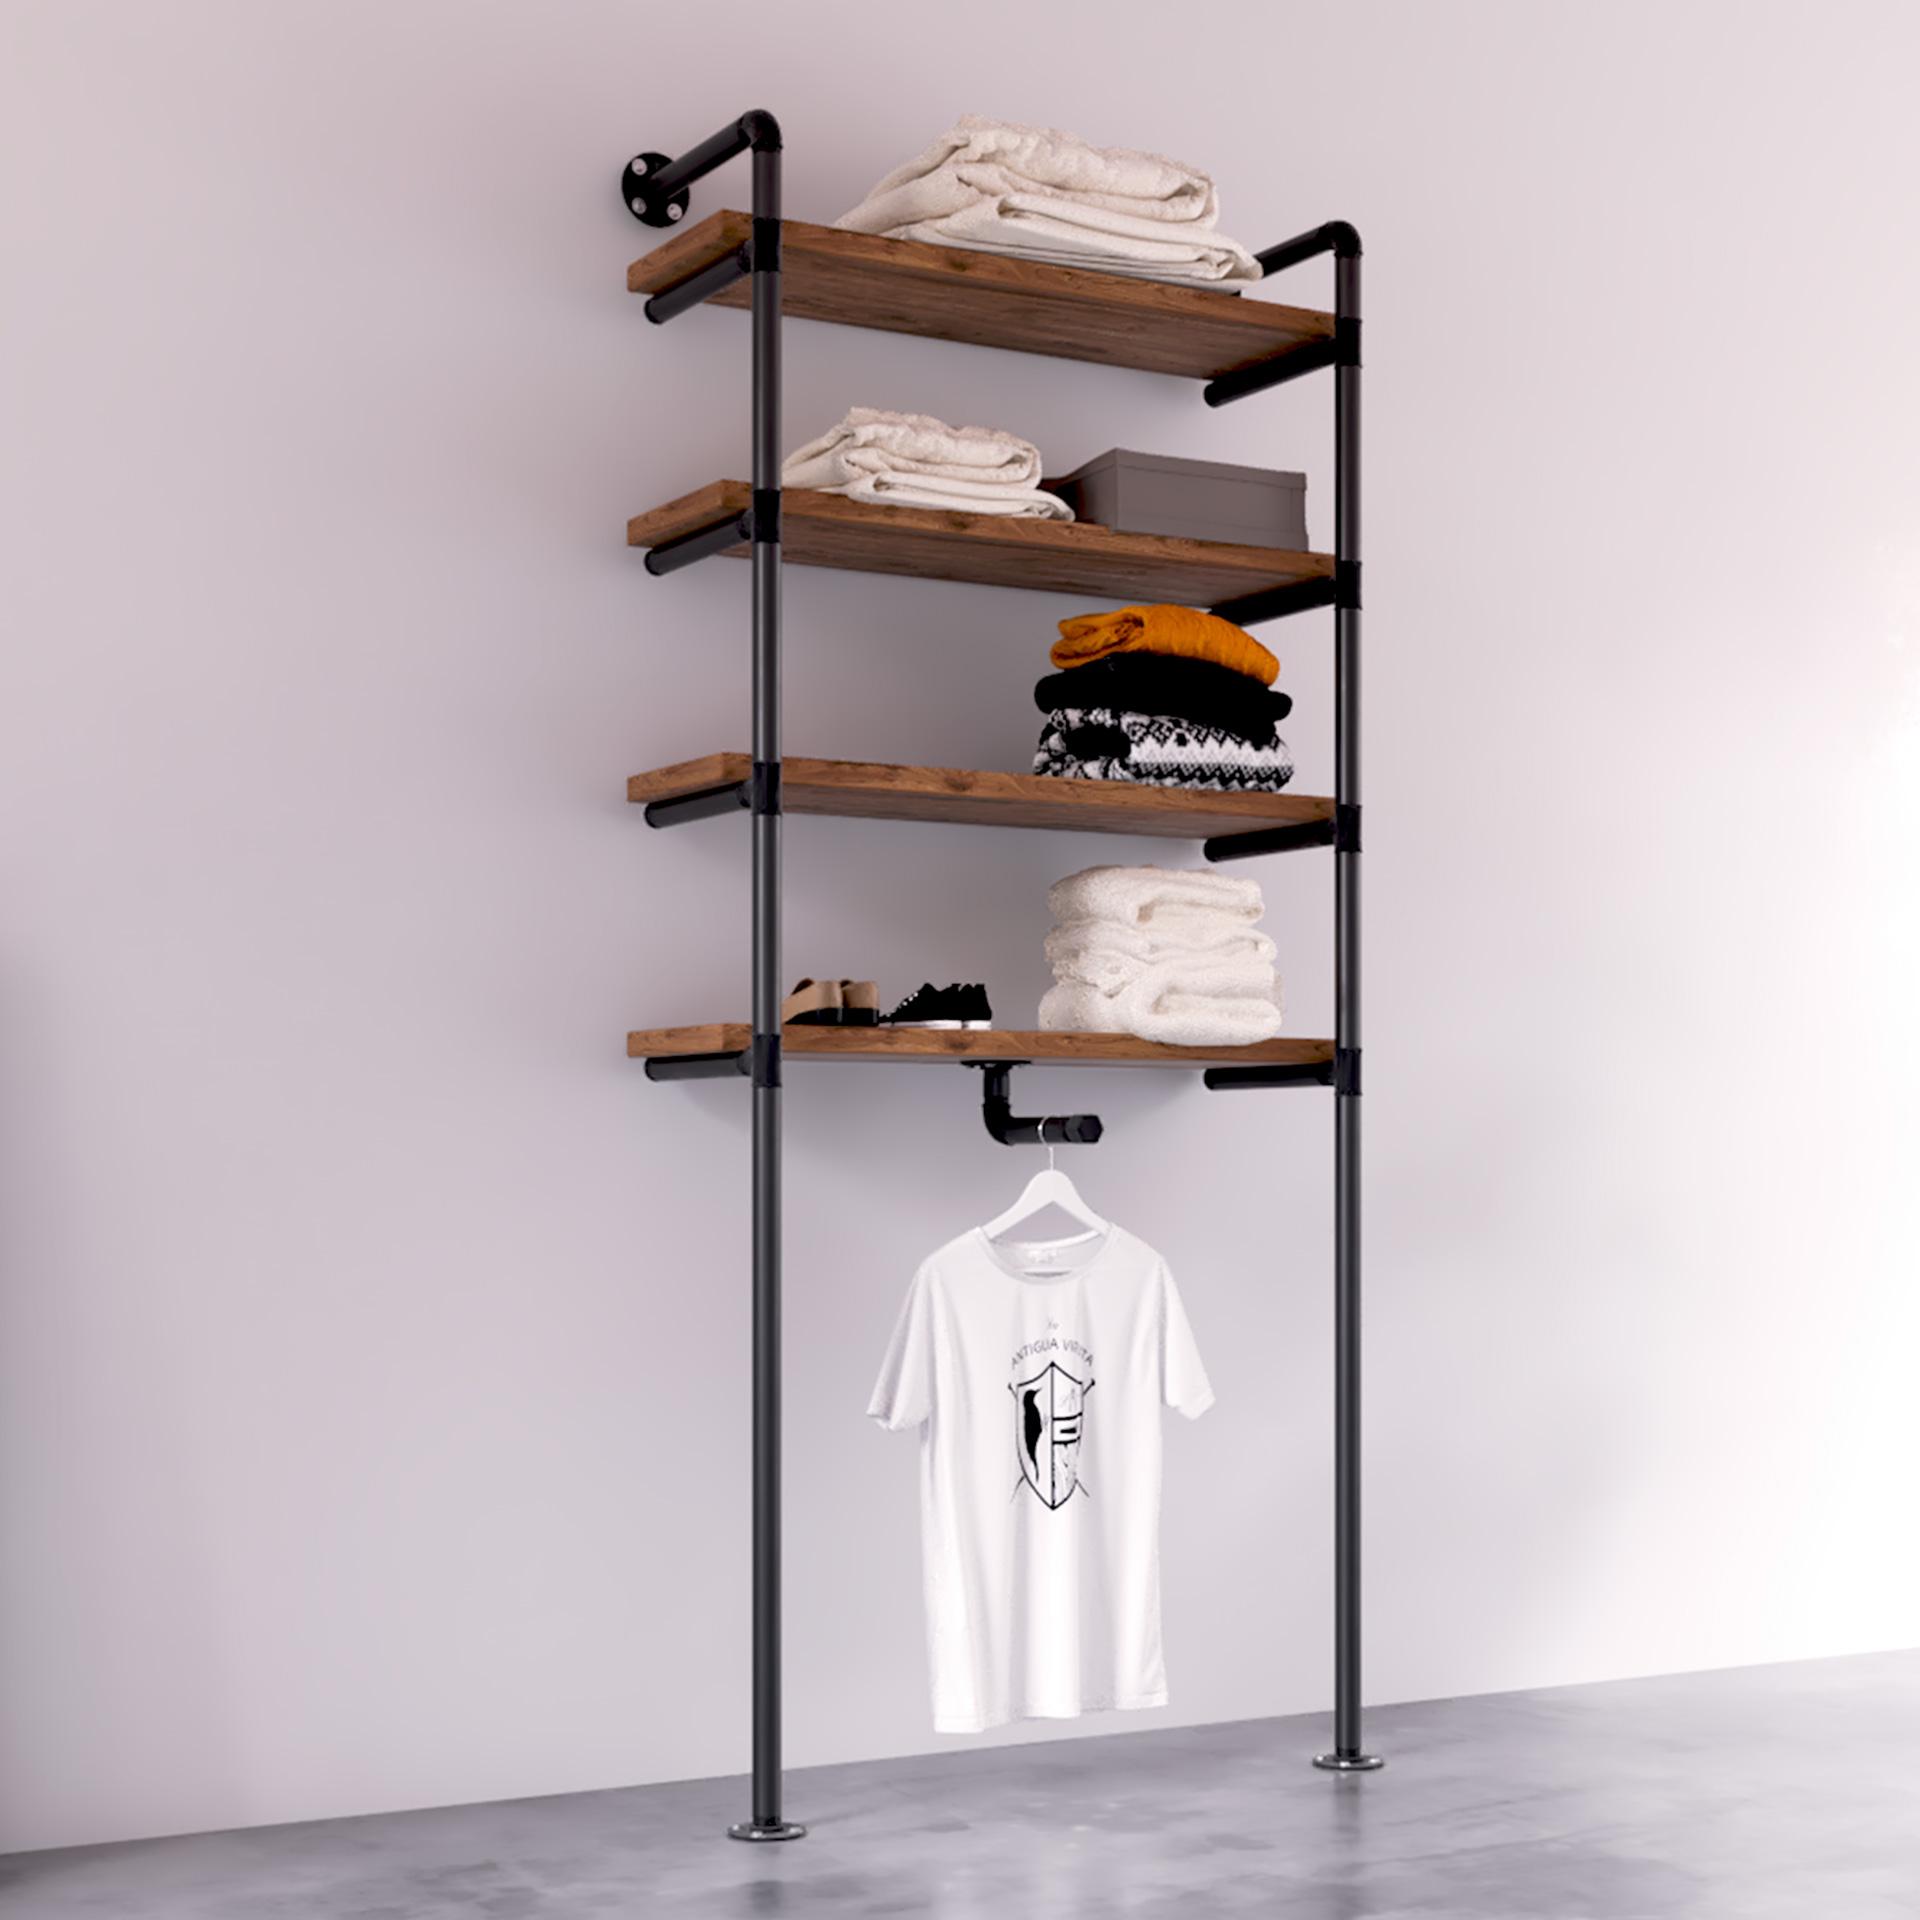 modelo Delta-Burro ropa industrial vintage estilo gondola tiendas La Antigua Viruta